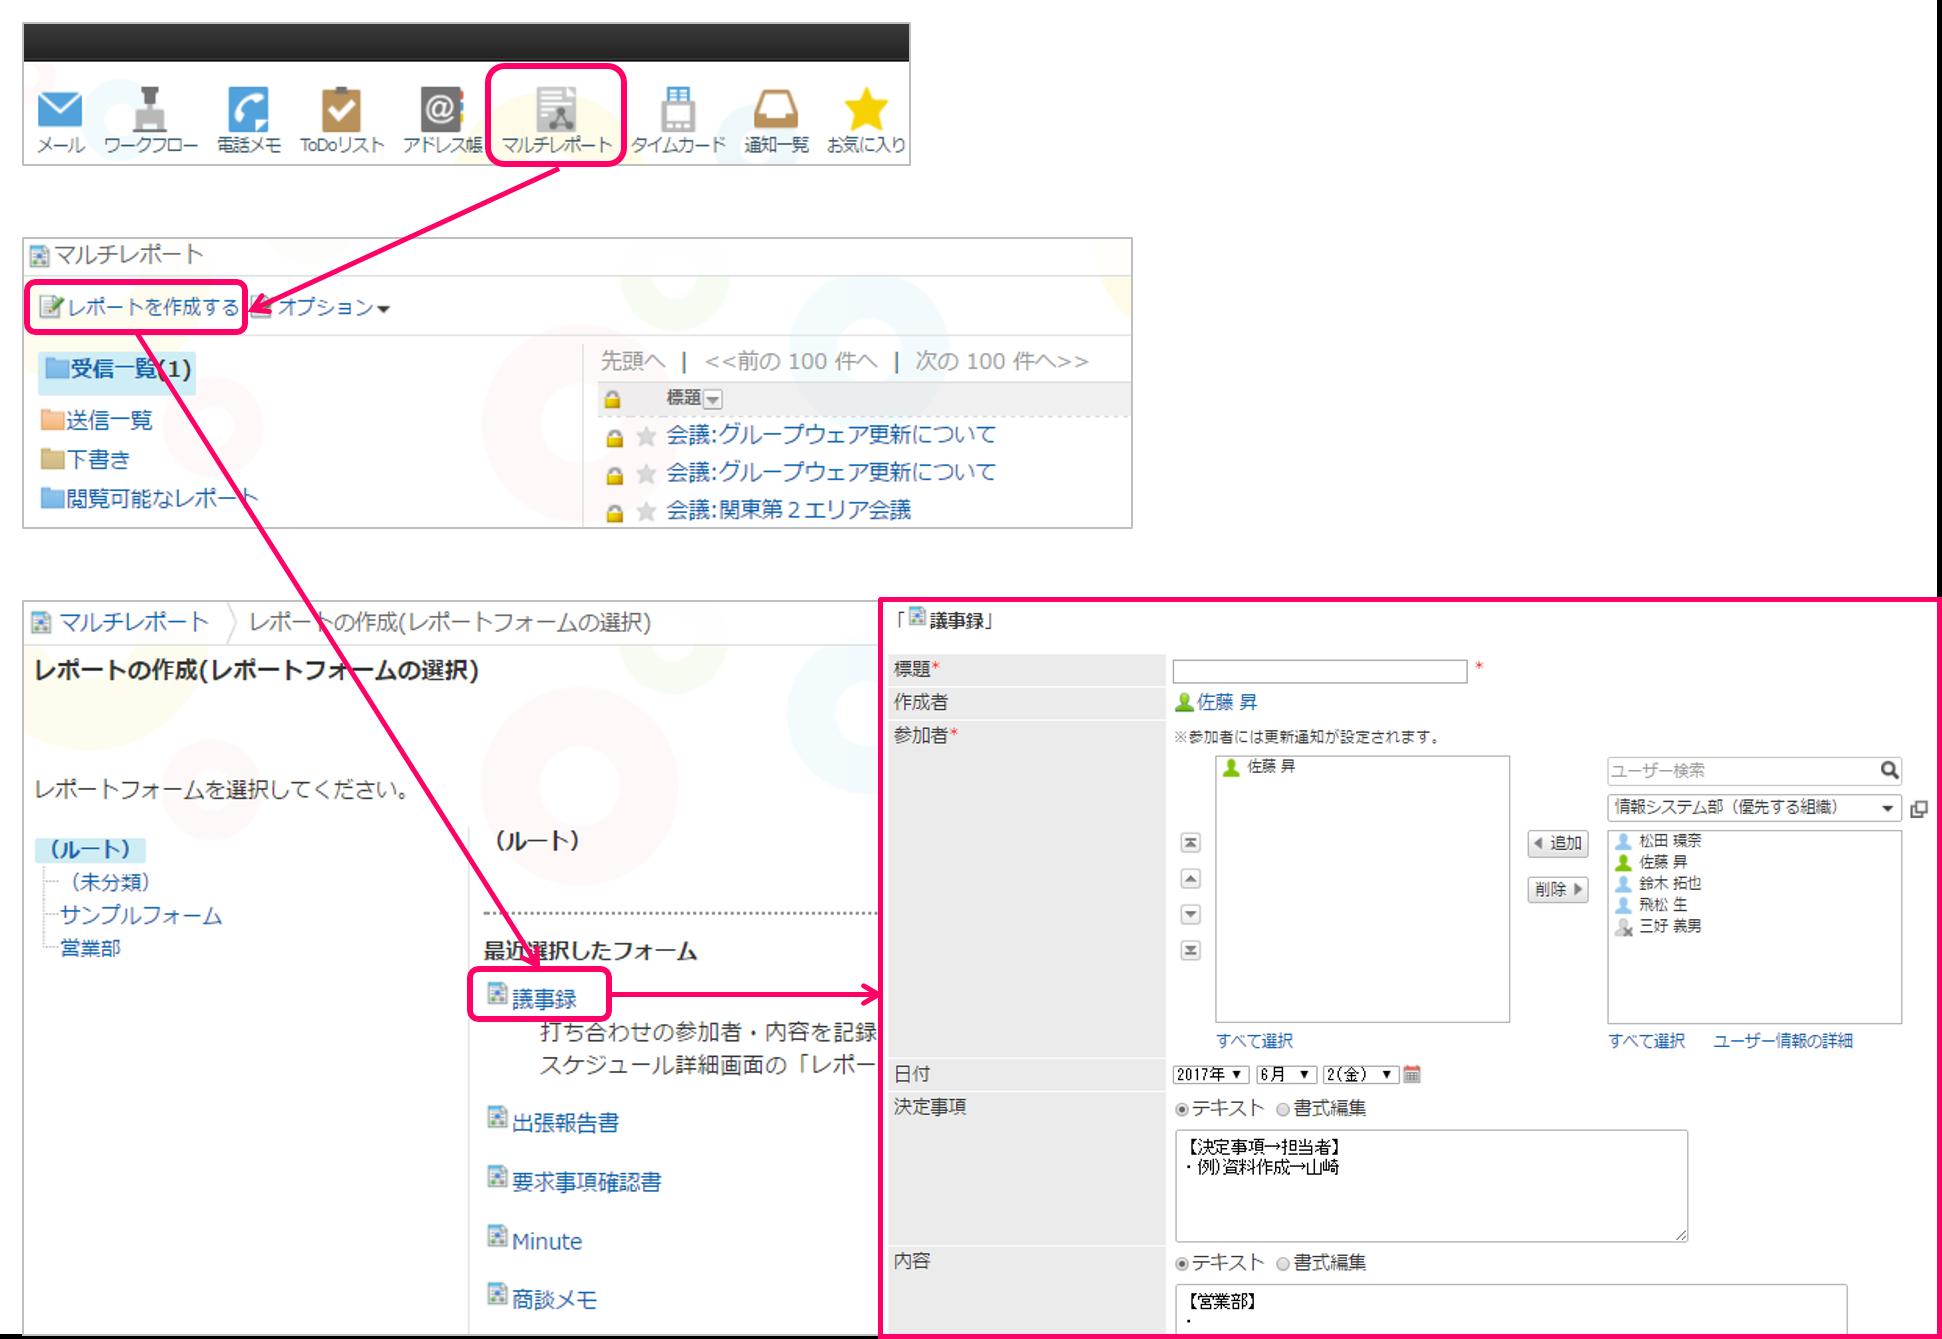 https://enterprise.cybozu.co.jp/0bfbd66d9ceaa7aa63343ac5d9aae2557dcaa920.png